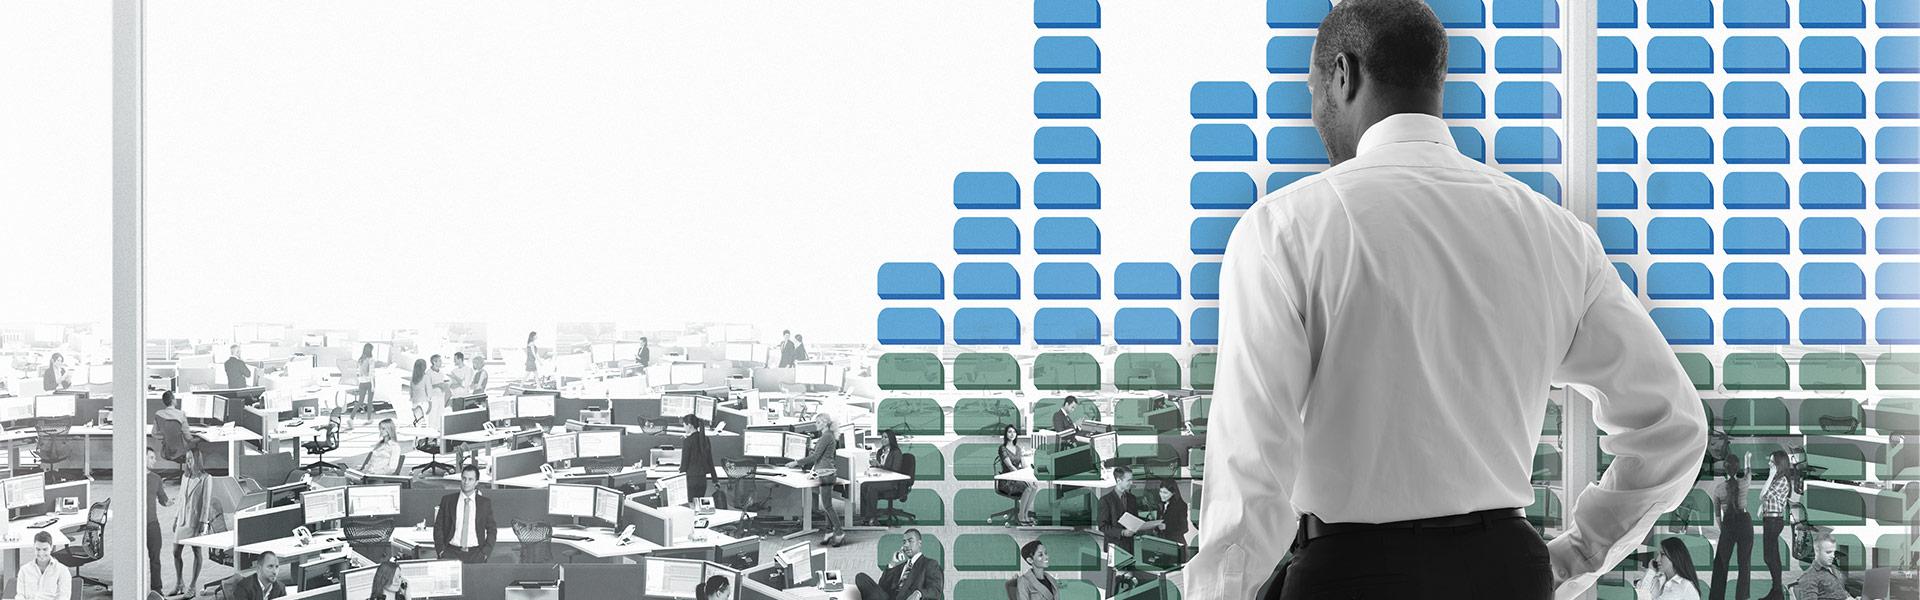 4 Ways To Start Getting Better Workforce Analytics